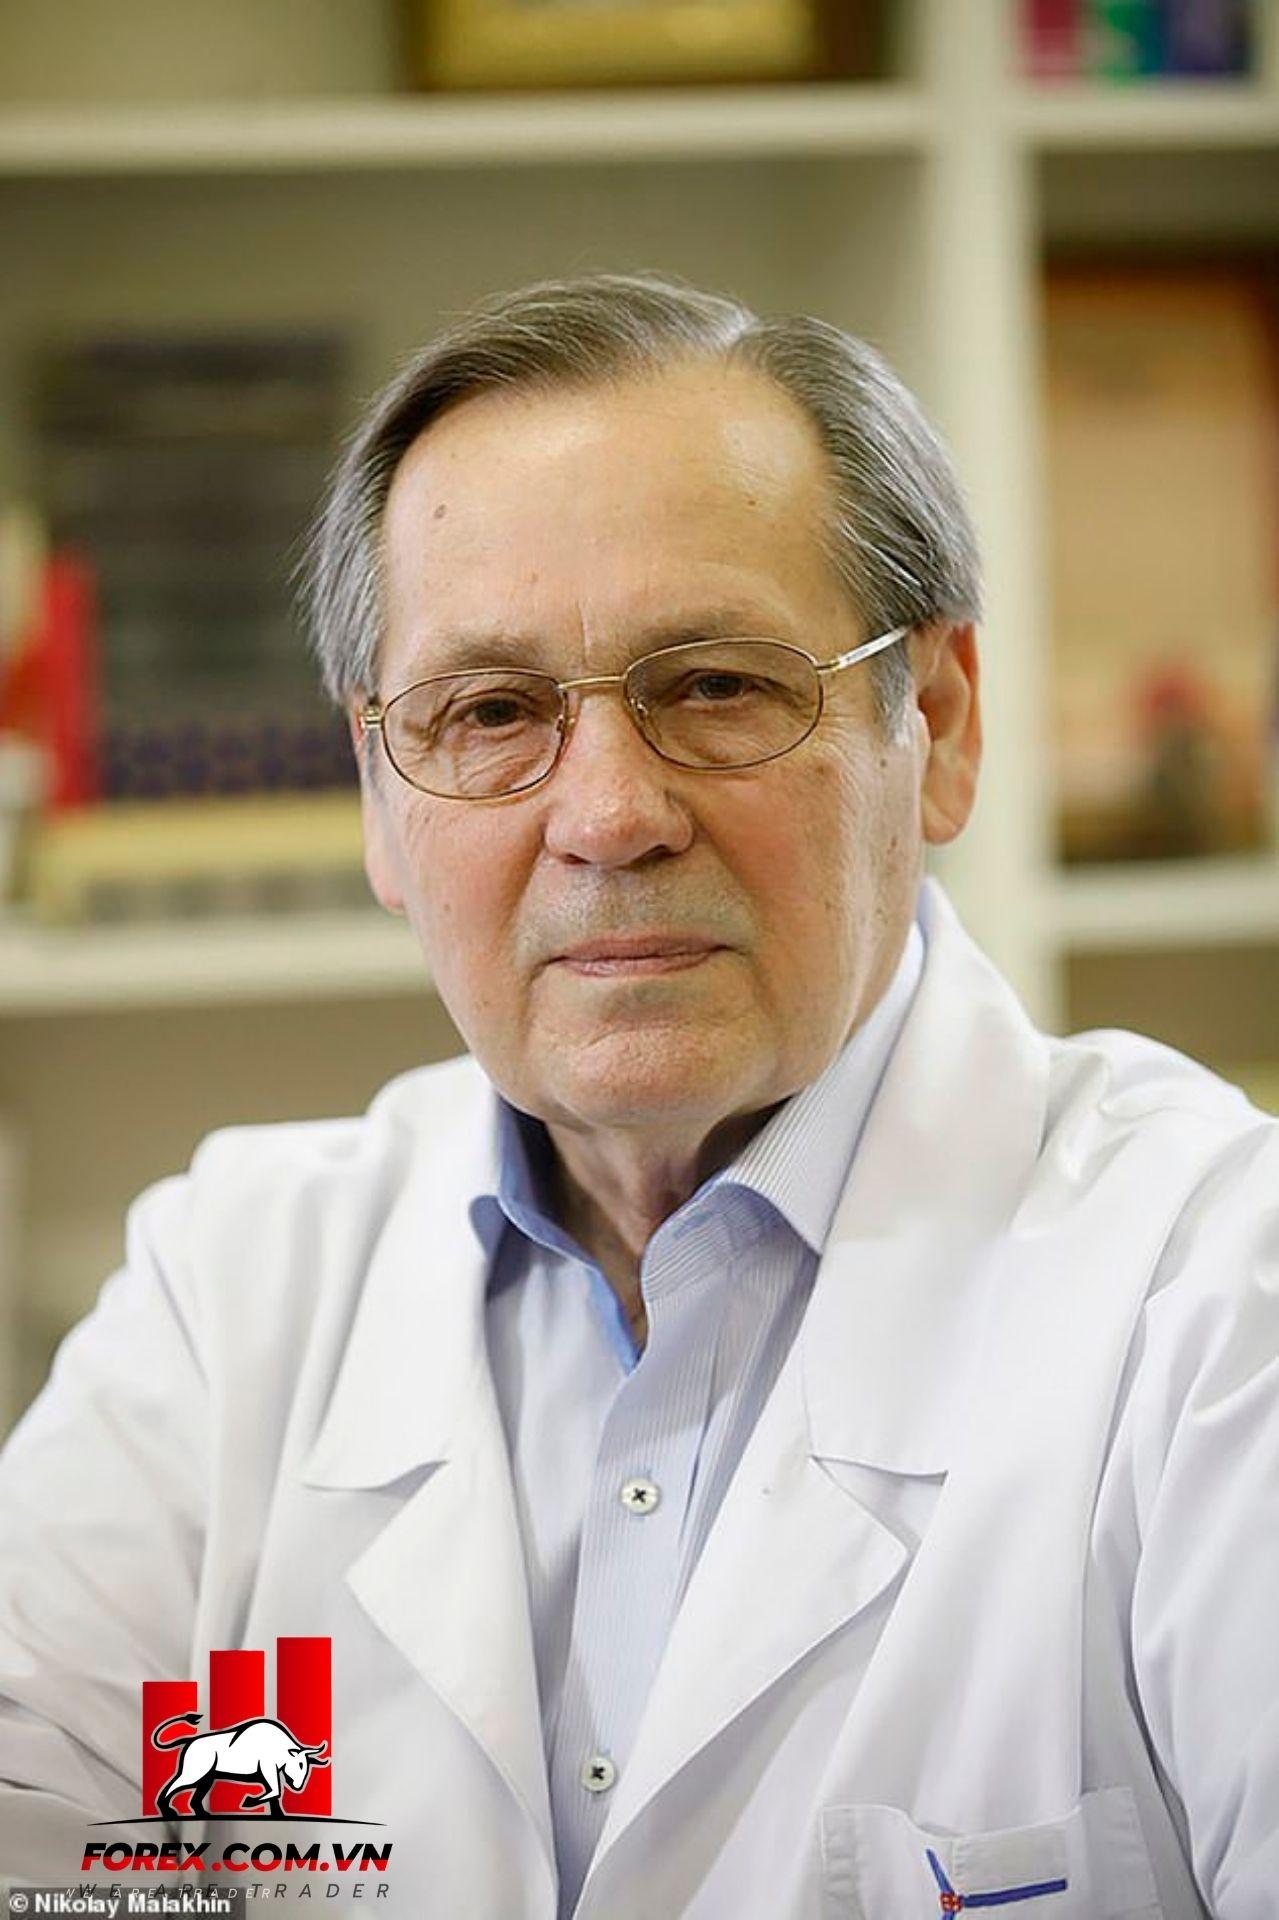 giáo sư - bác sĩ Alexander Chucalin